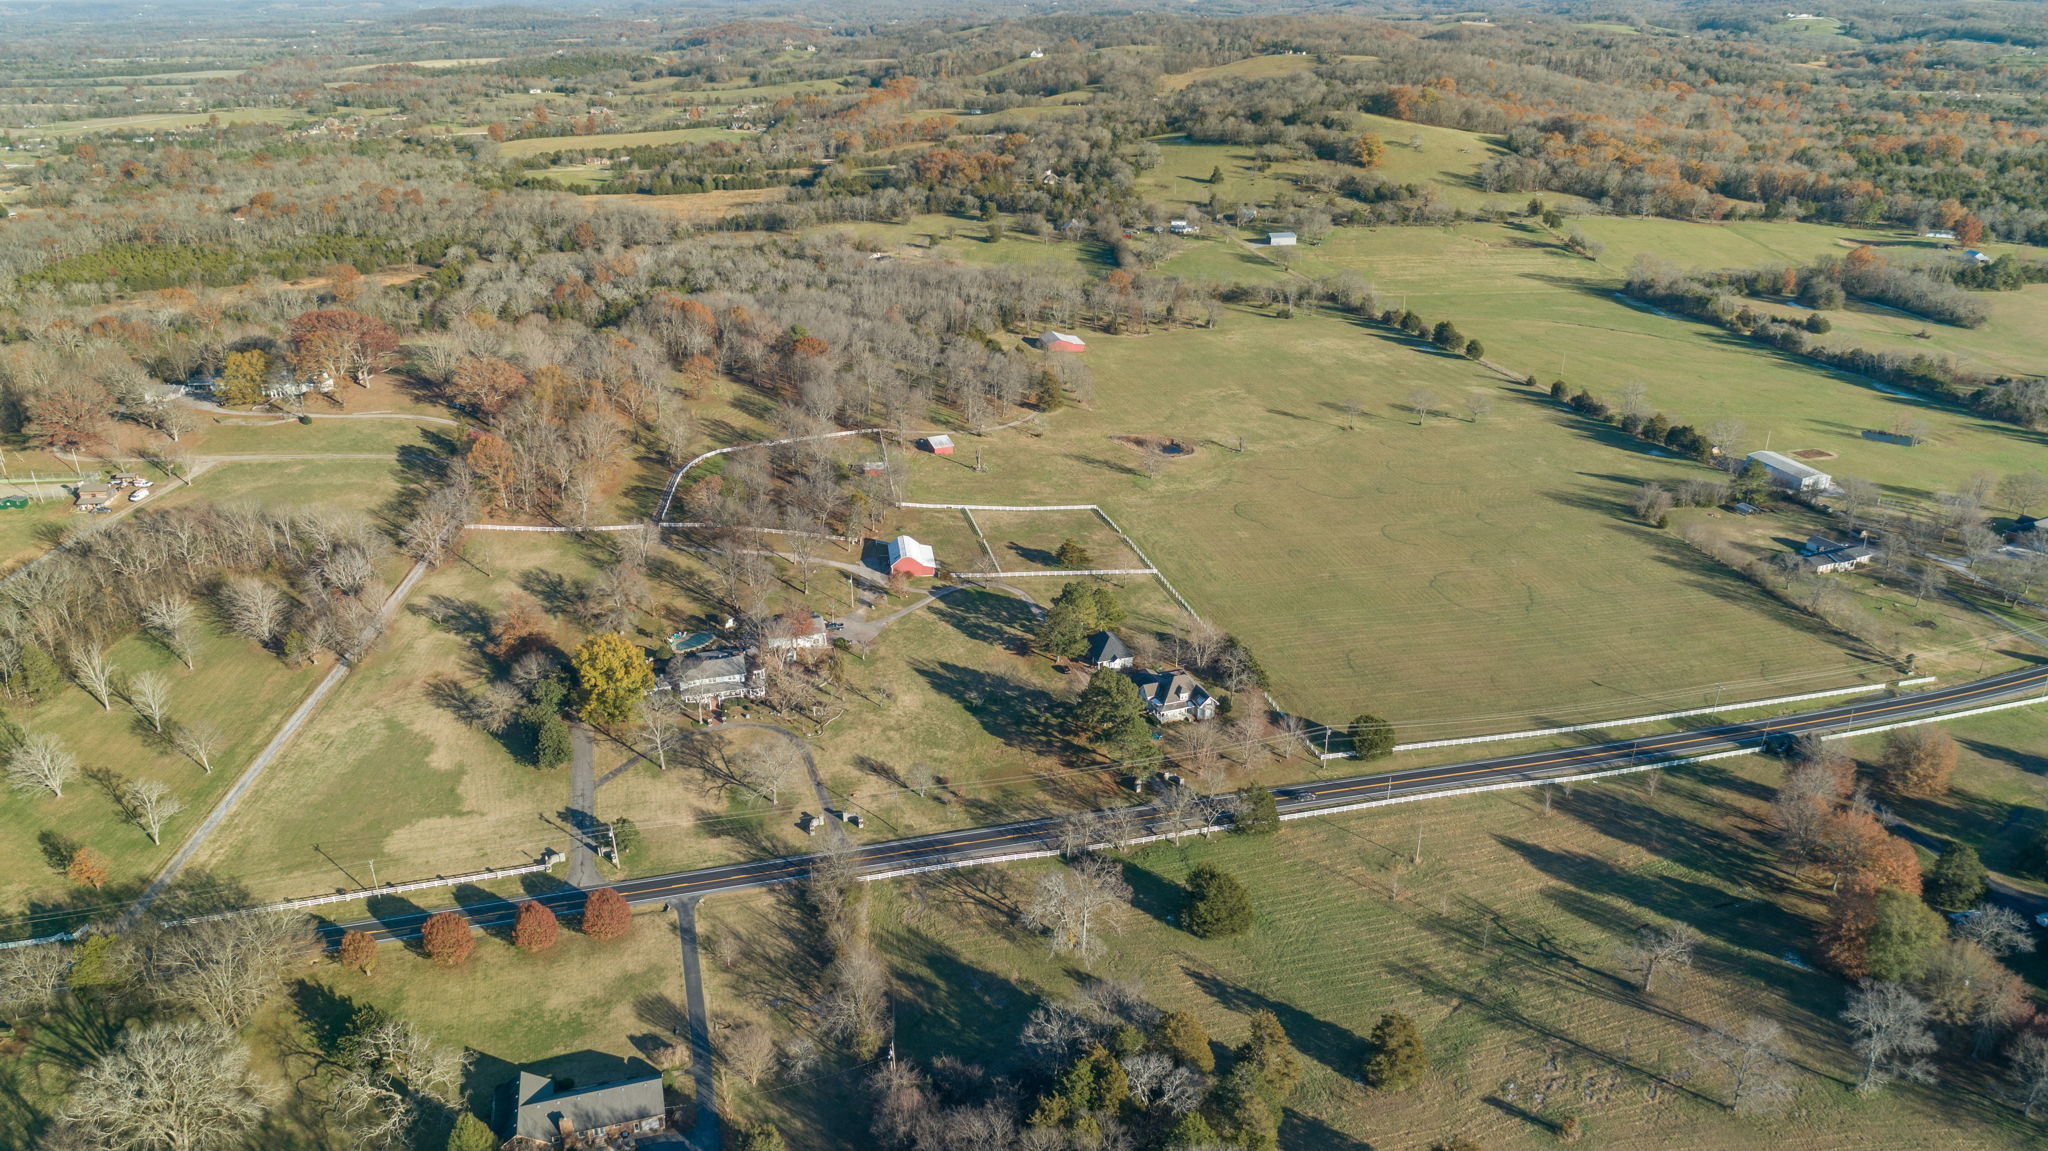 1411 TN-82 S, Shelbyville, TN 37160, US Photo 116